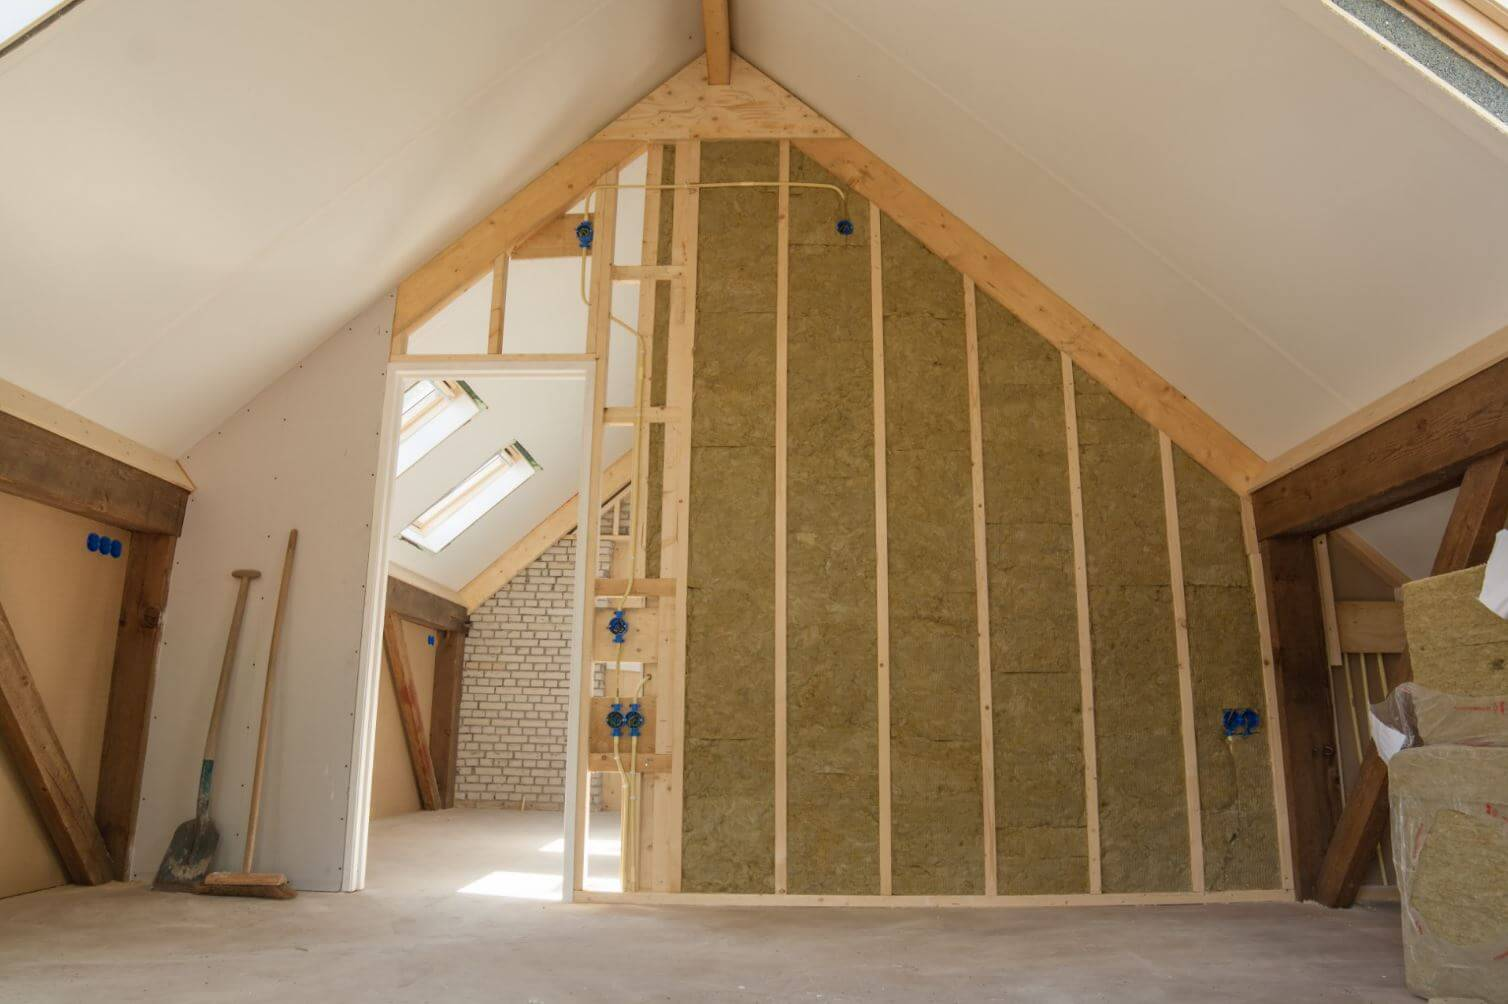 pourquoi isoler sa maison embellir isoler protger entretenir revaloriser sa maison drome. Black Bedroom Furniture Sets. Home Design Ideas